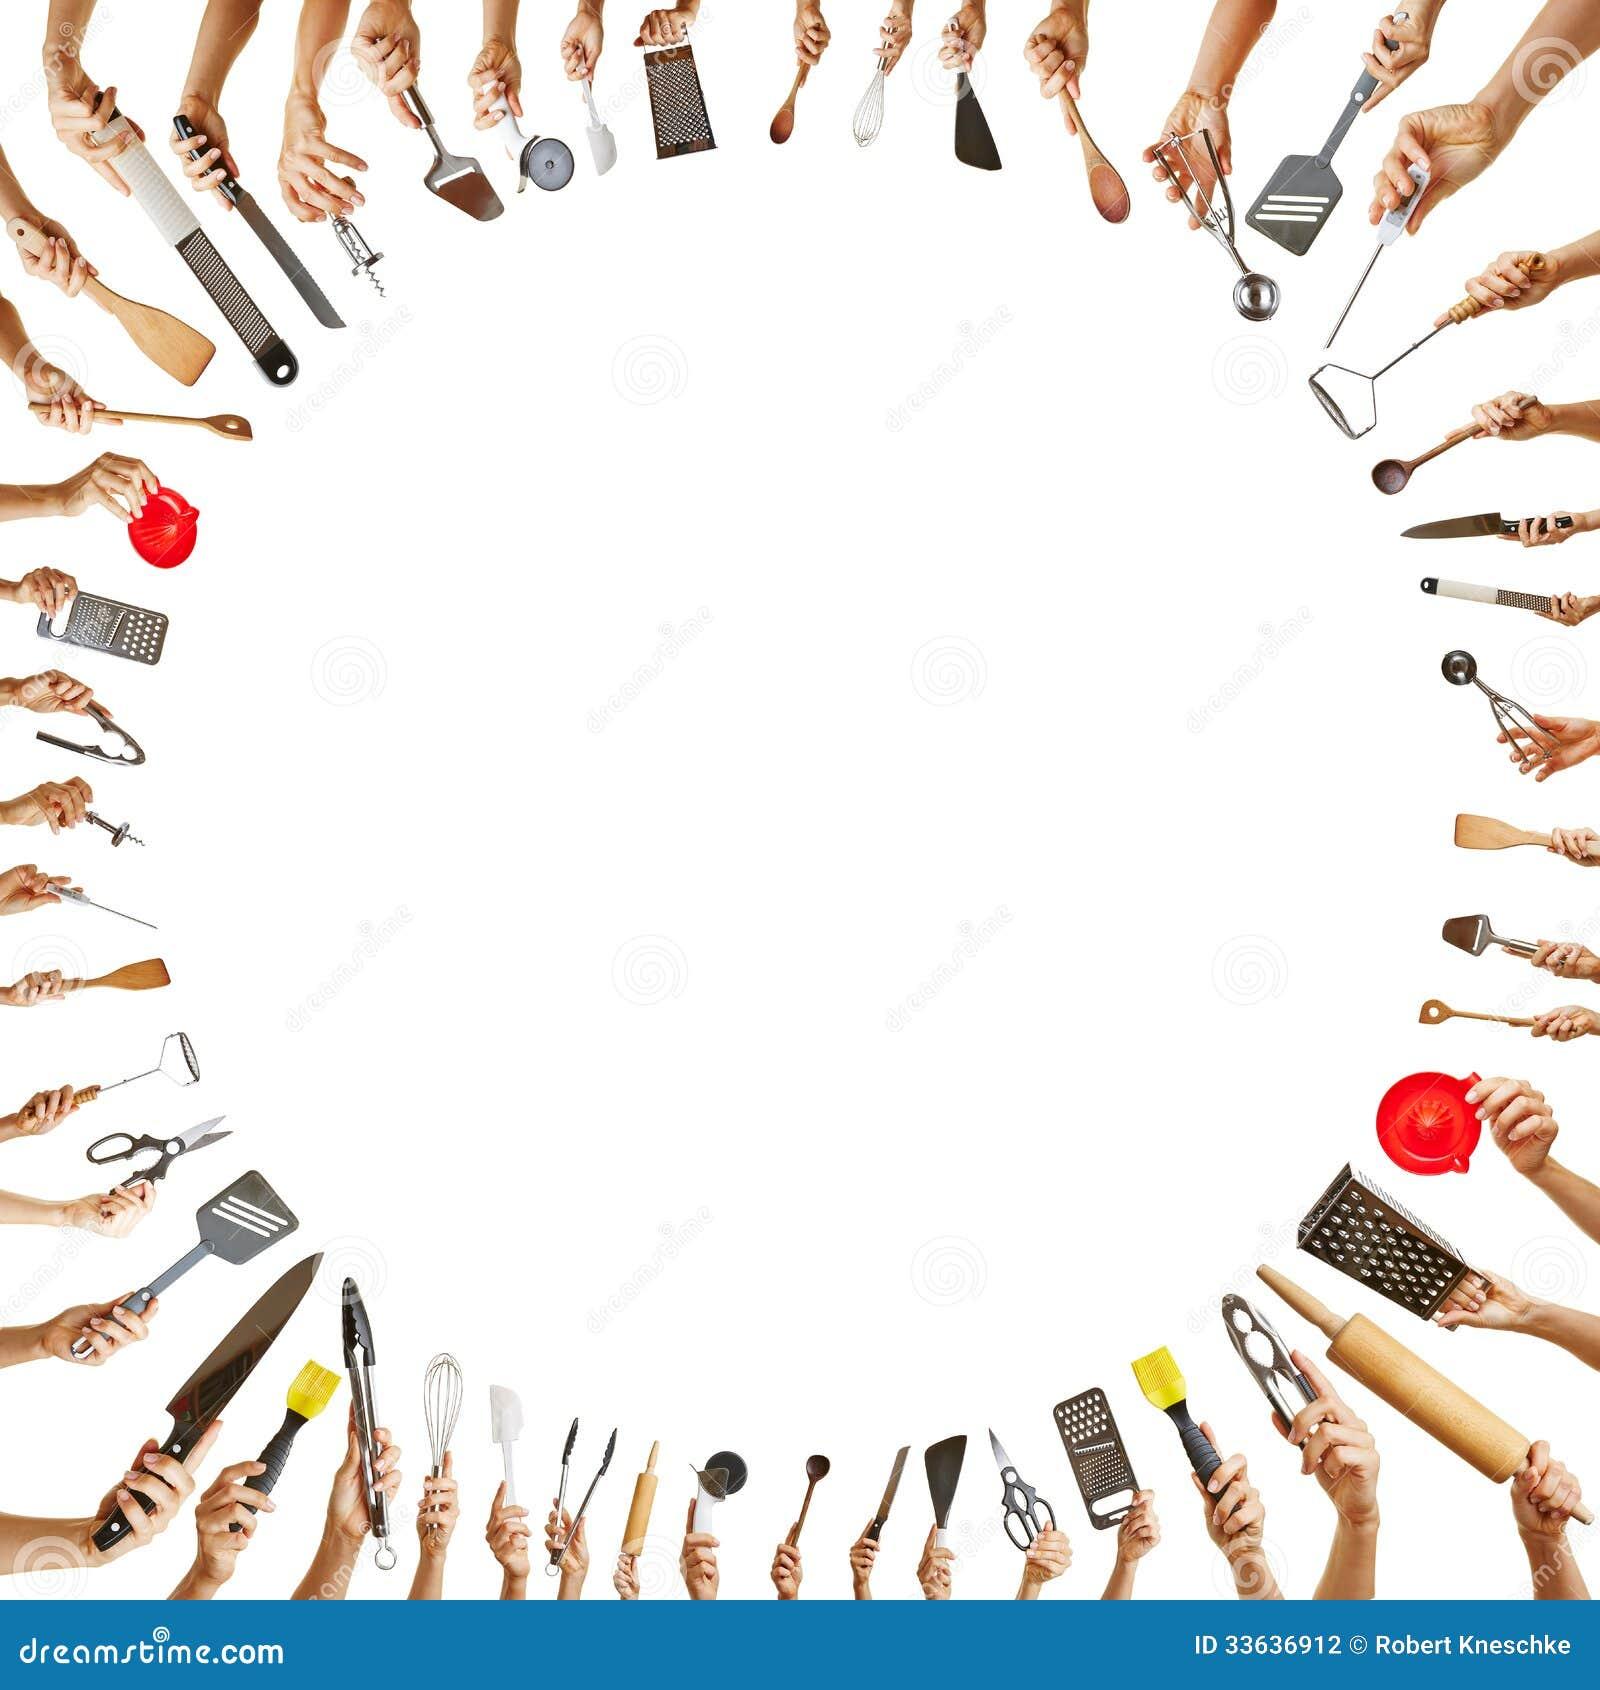 #BD0E0F Fotografia de Stock: Mãos com as ferramentas diferentes da cozinha em  1300x1390 px Ferramenta De Design De Cozinha On Line_794 Imagens